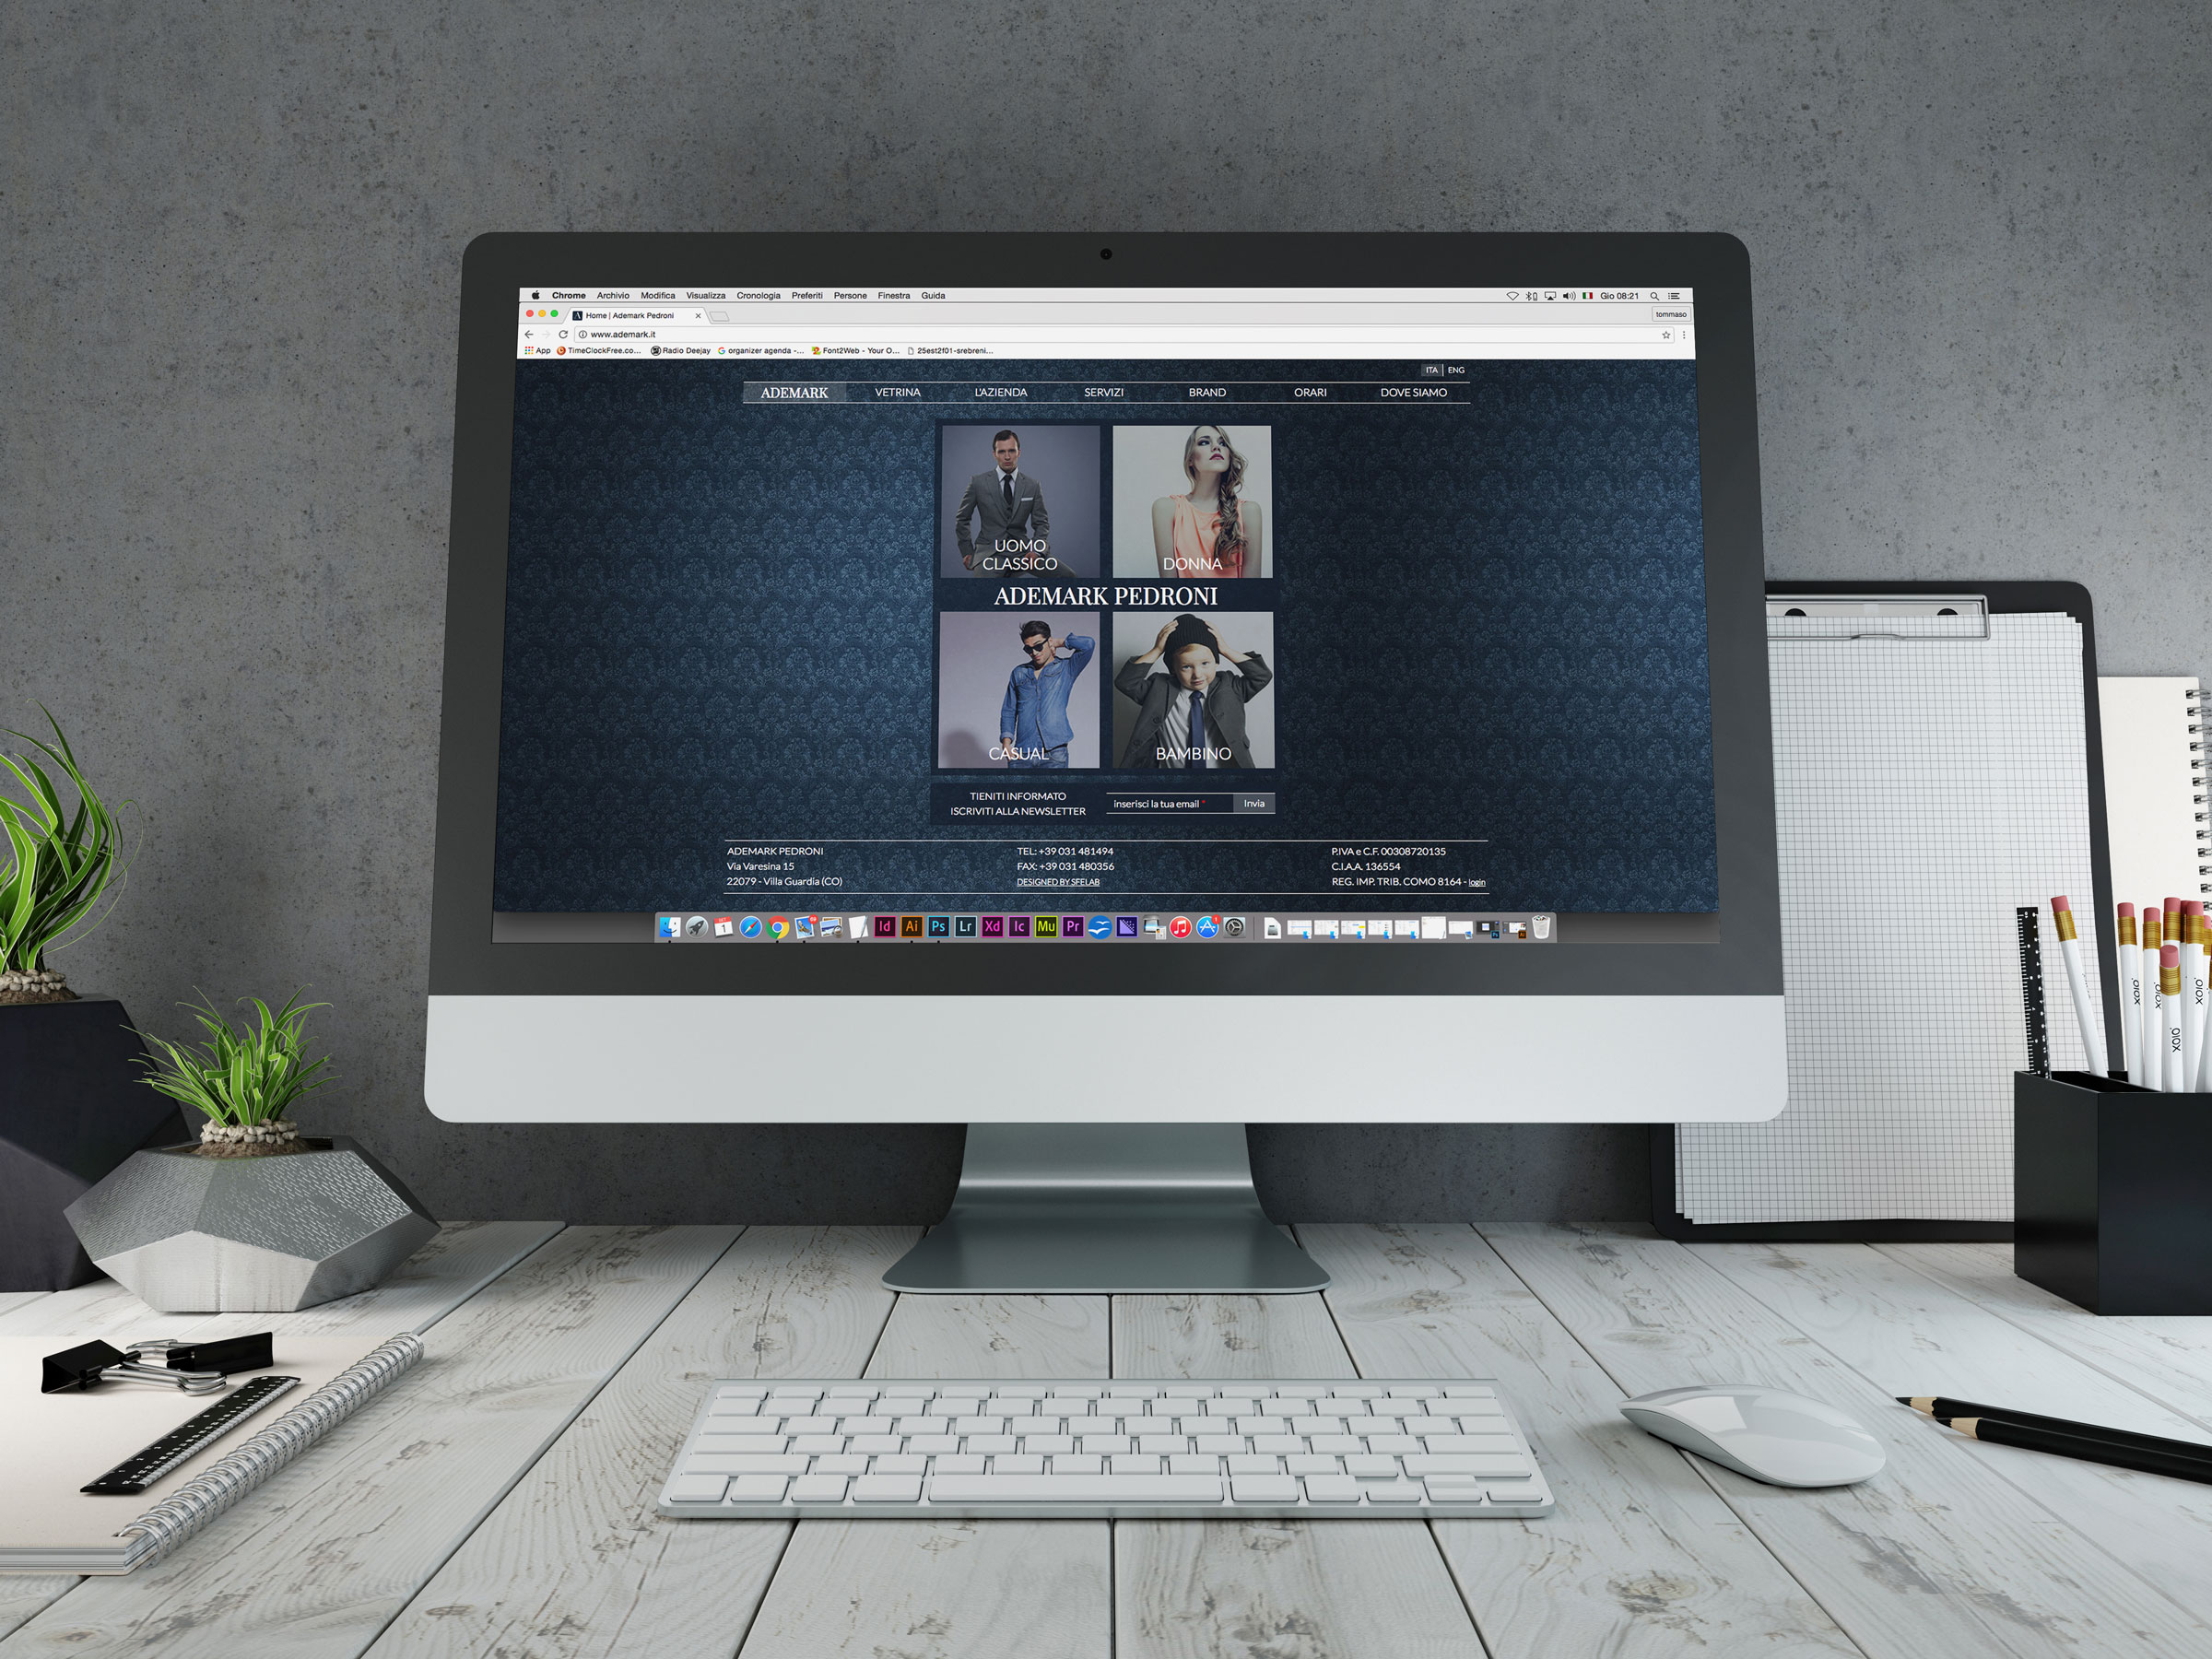 portale web ecommerce ademark homepage